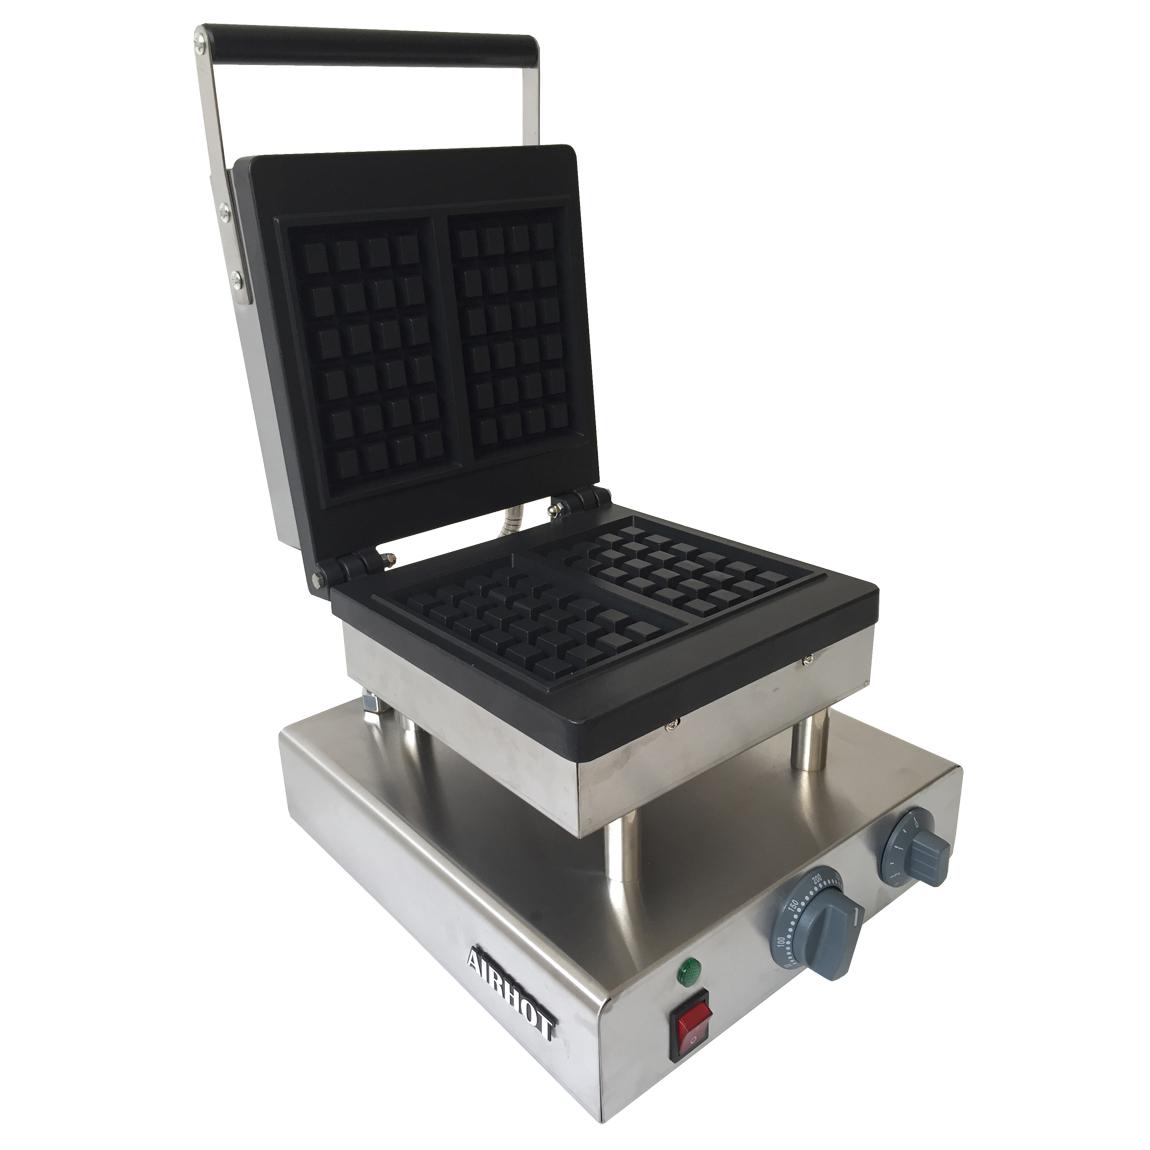 Вафельница для бельгийских вафель Airhot WE-1B